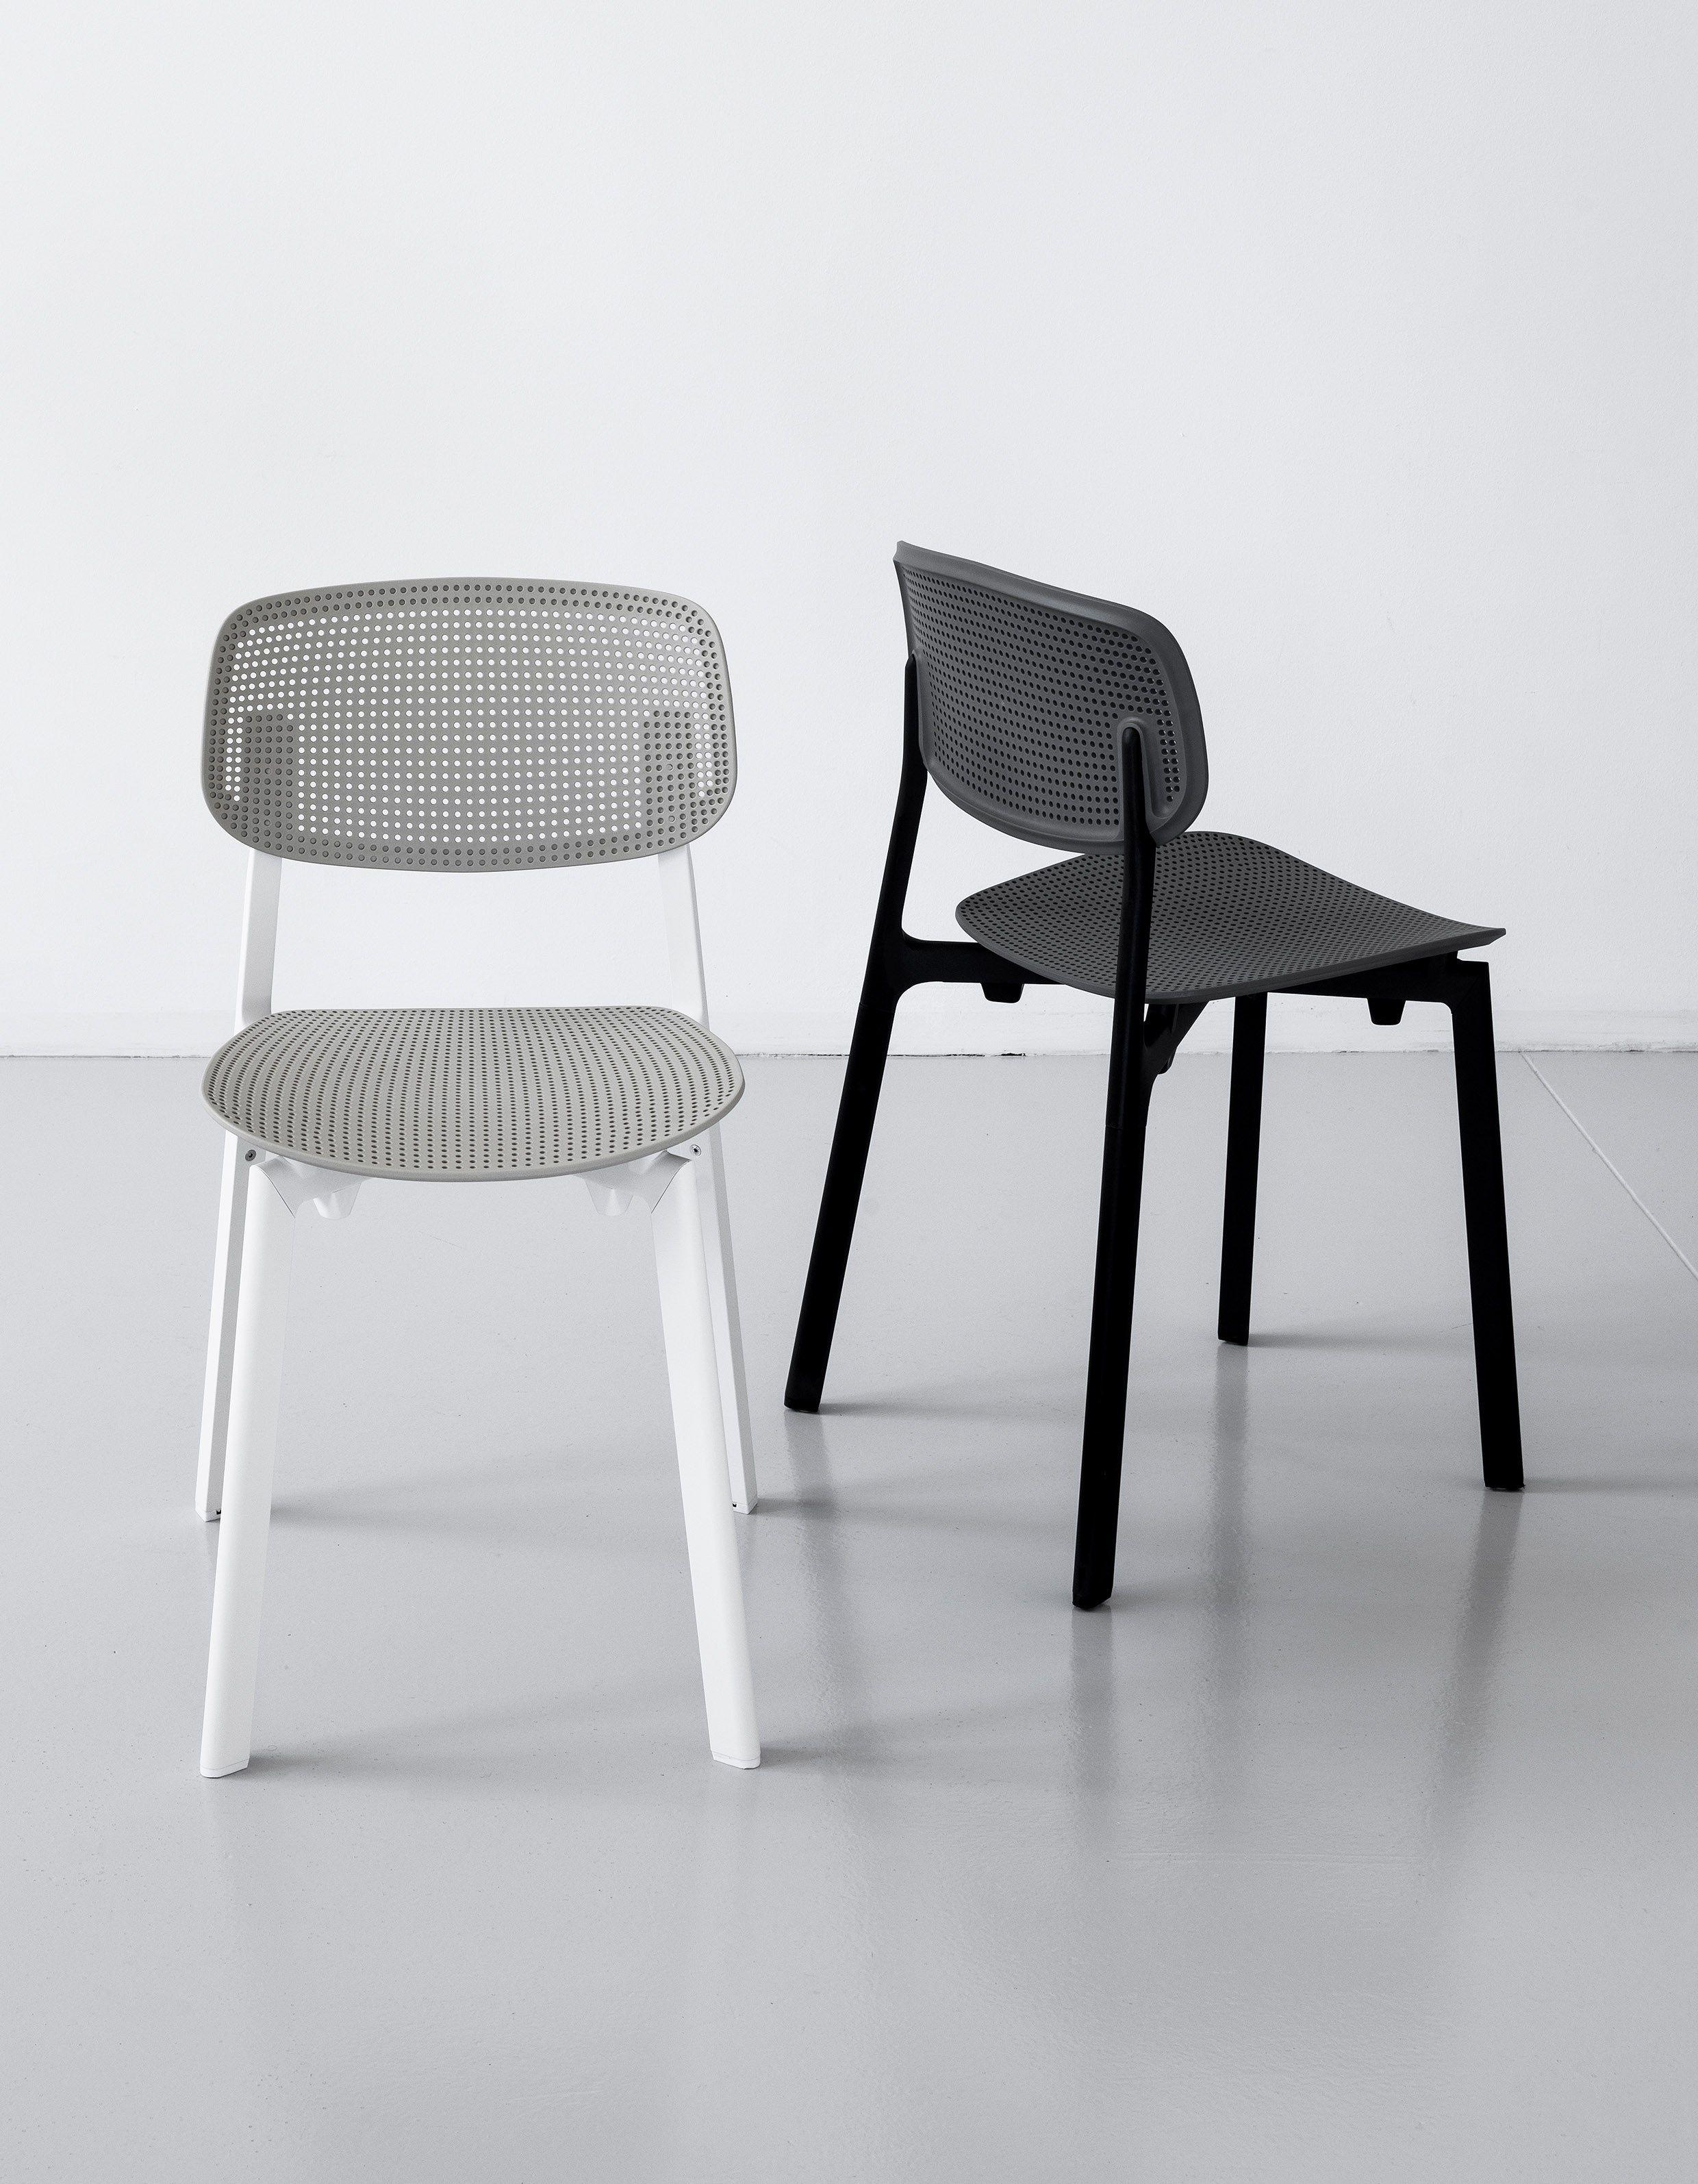 colander chair by kristalia design patrick norguet